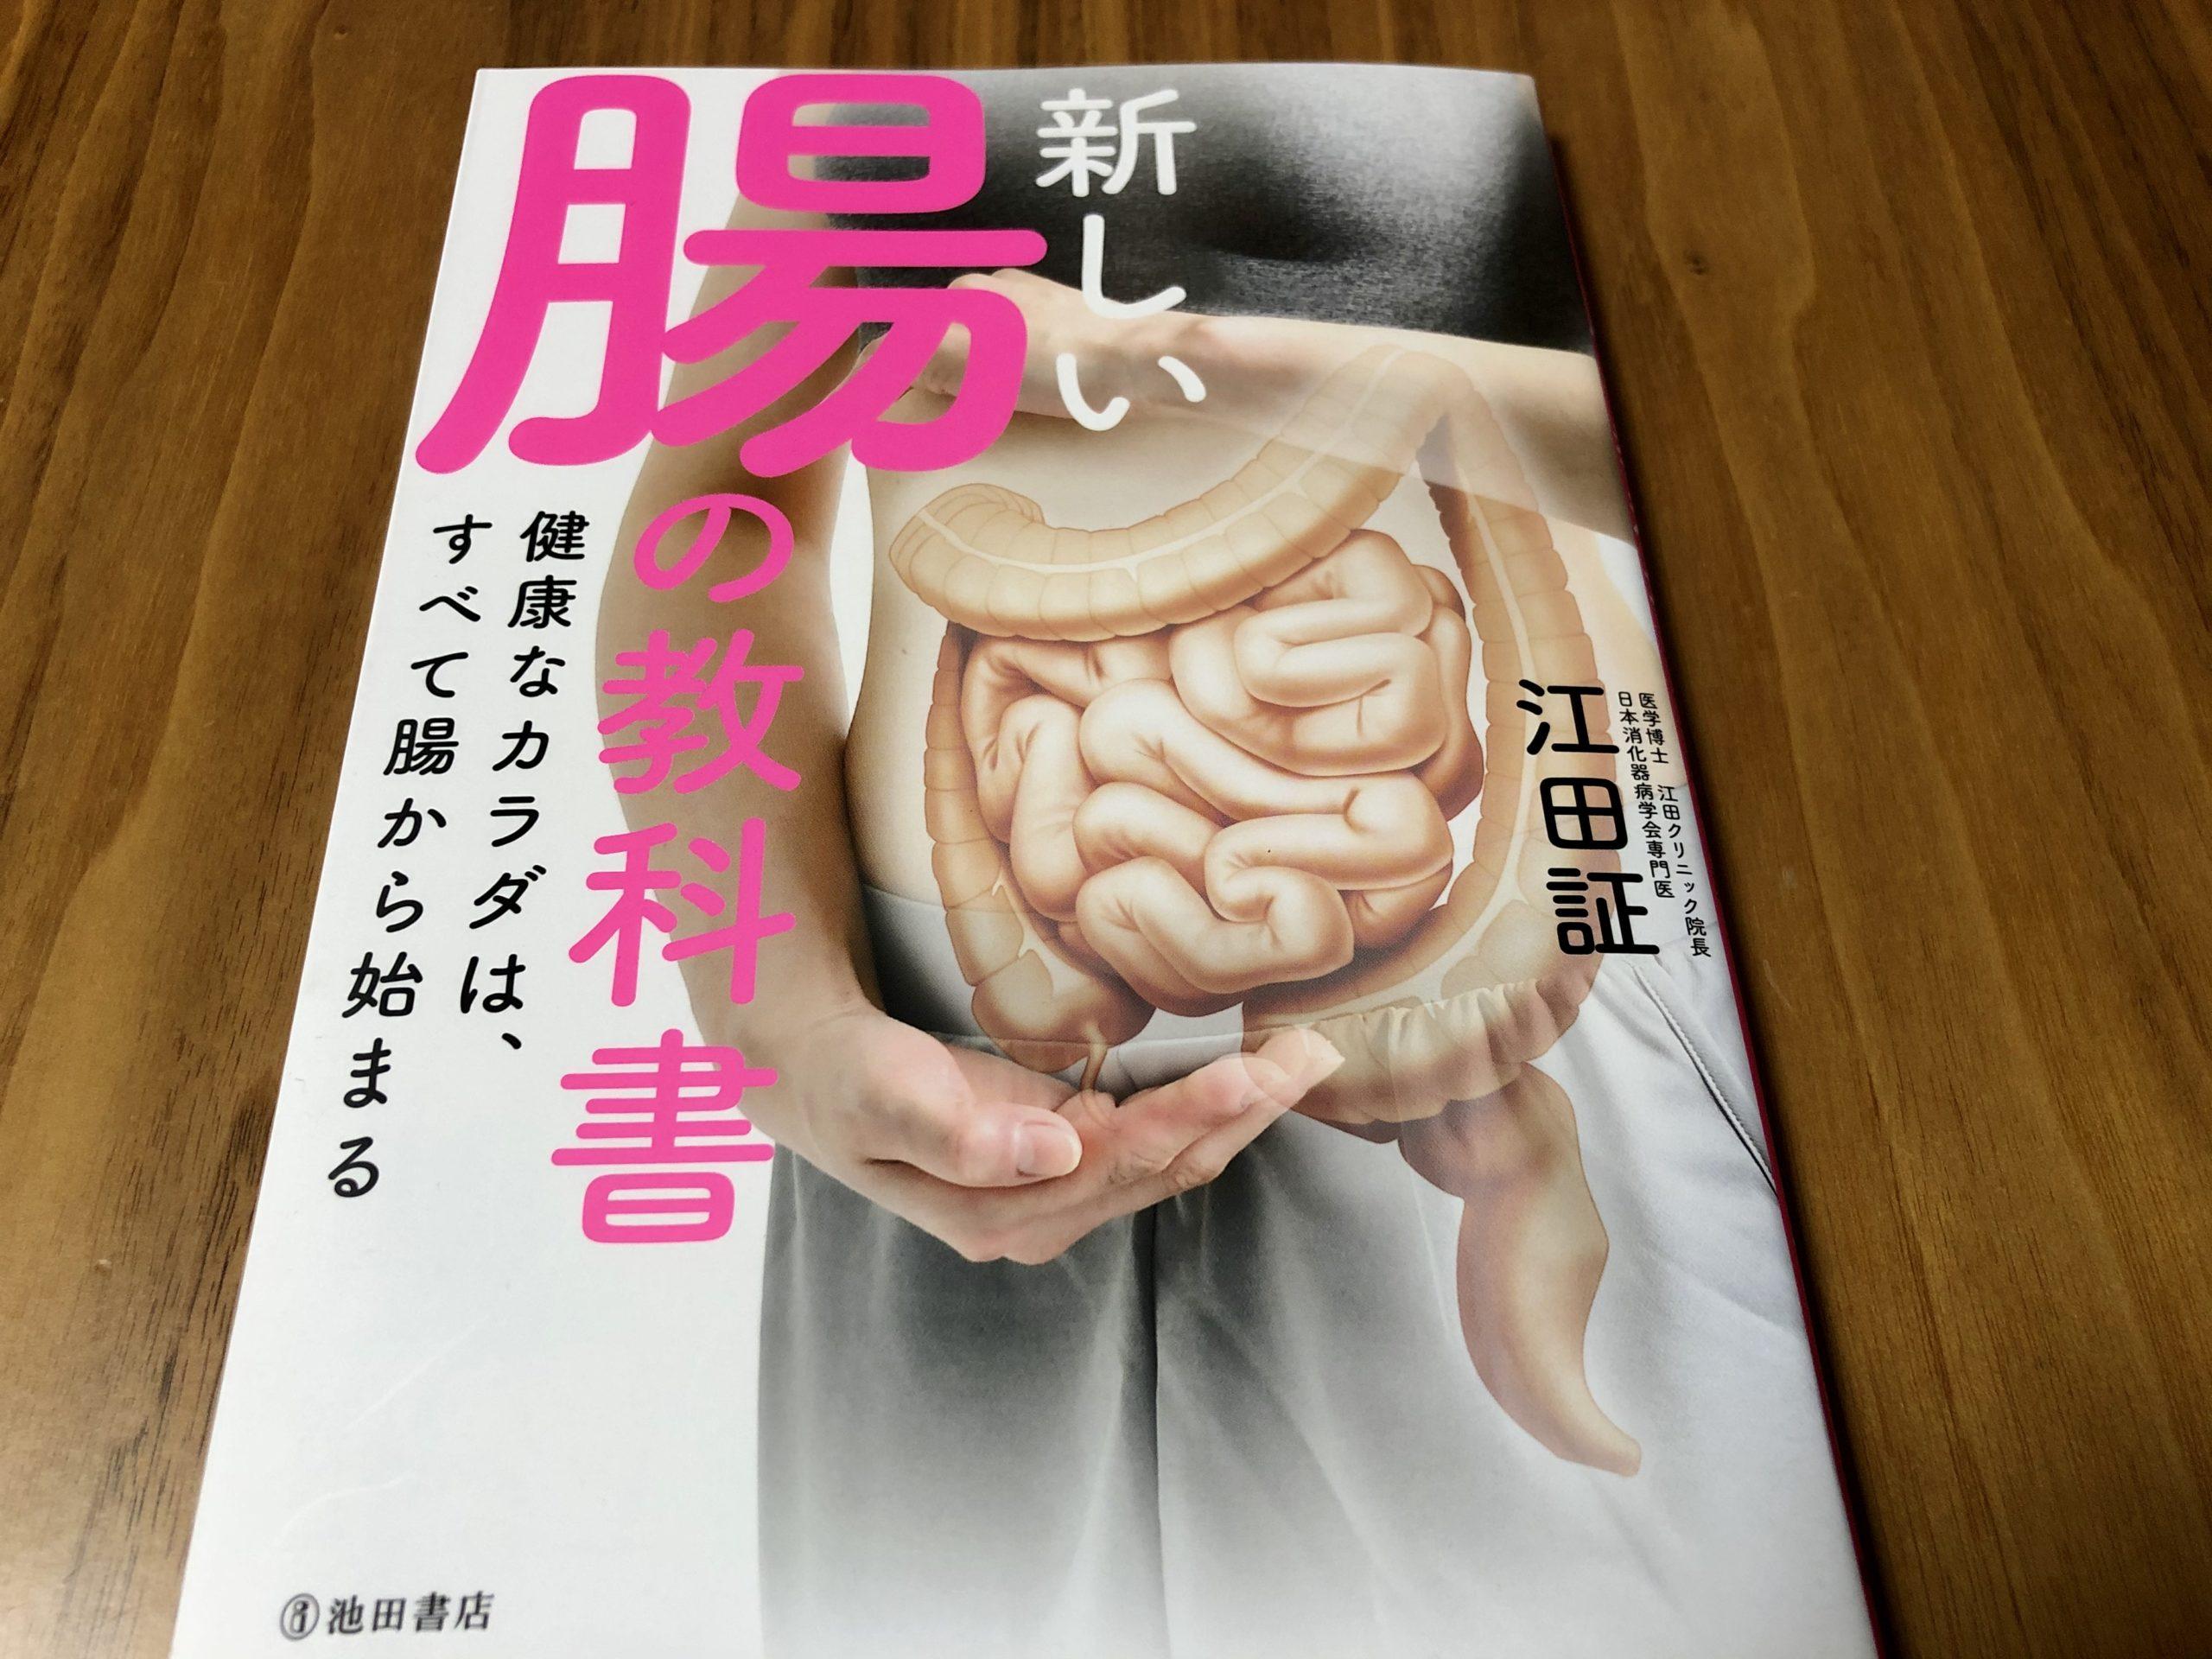 過敏 性 腸 症候群 治っ た ブログ